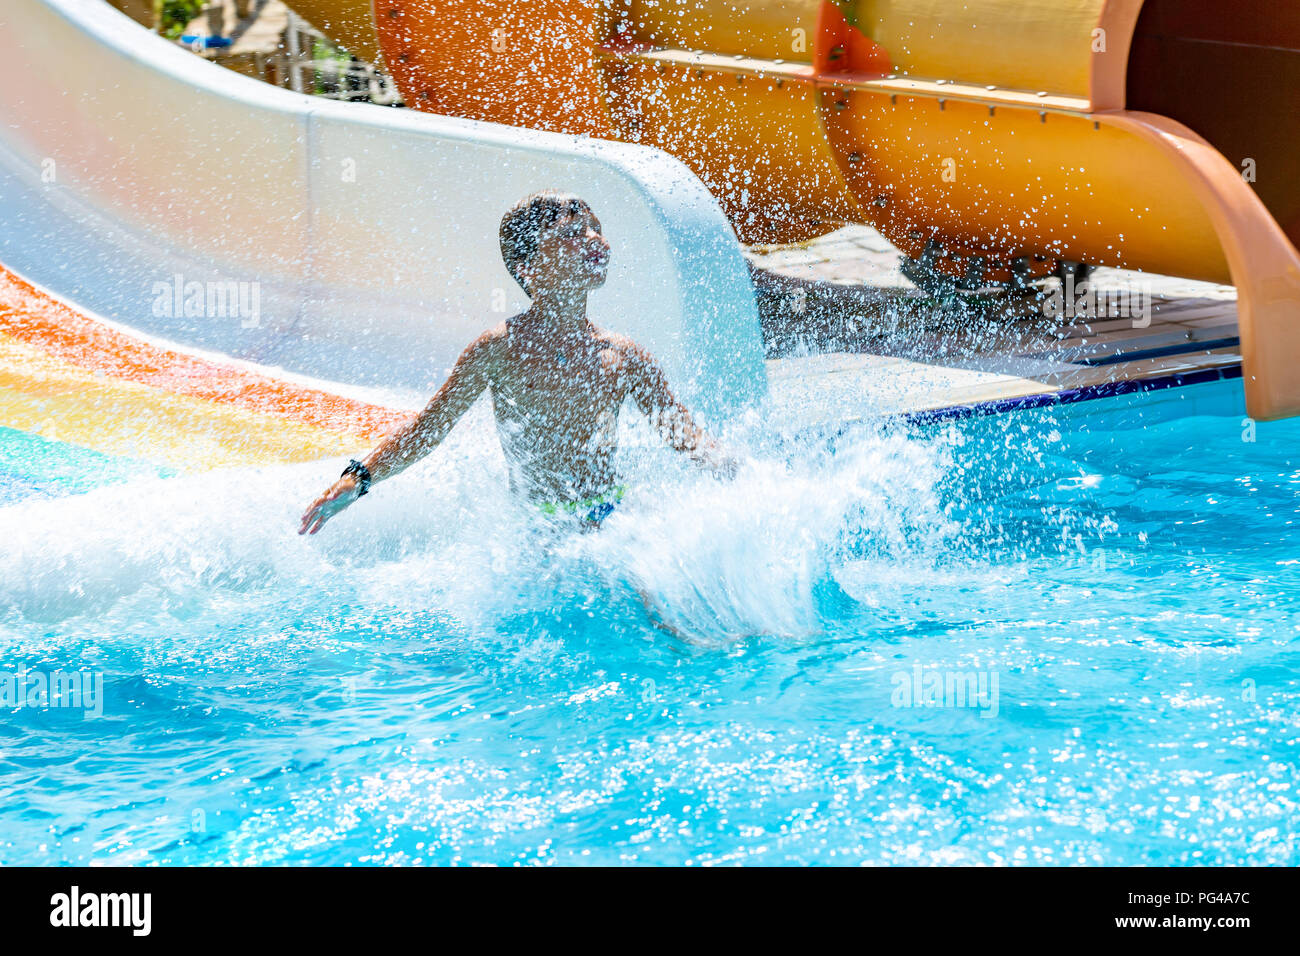 Un felice ragazzo sulla slitta di acqua in una piscina per divertirsi durante le vacanze estive in un bellissimo parco acquatico. Un ragazzo slithering all'acqua scorrere e fare schizzi. Immagini Stock